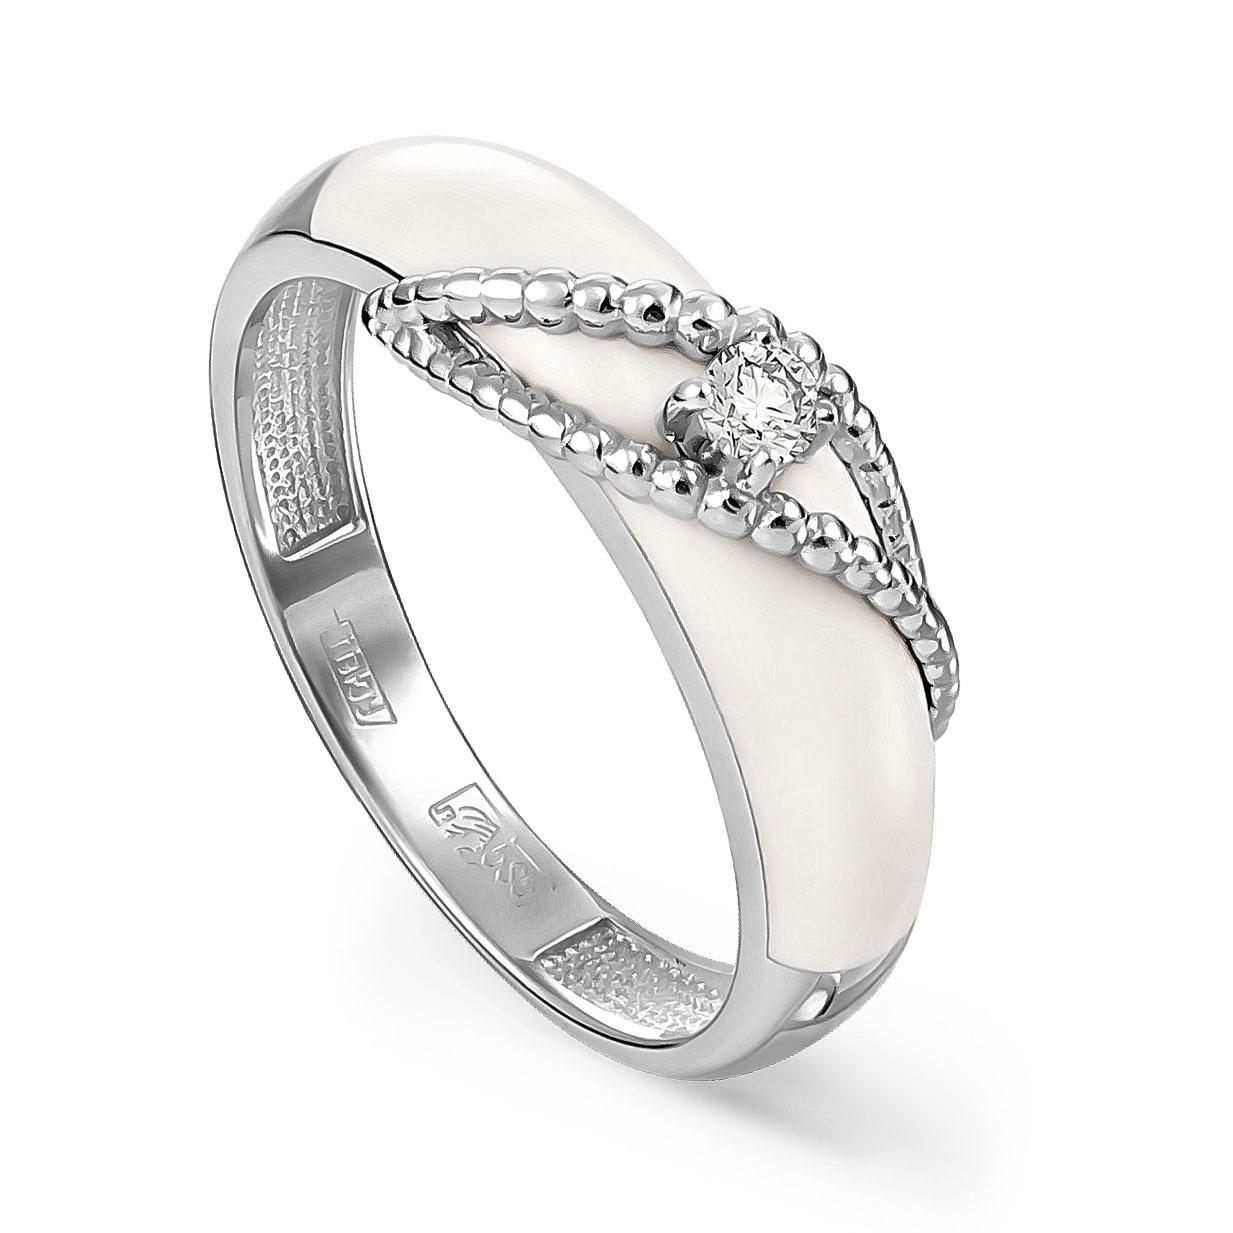 Кольцо из белого золота Бриллиант арт. 11-11067-1010 11-11067-1010